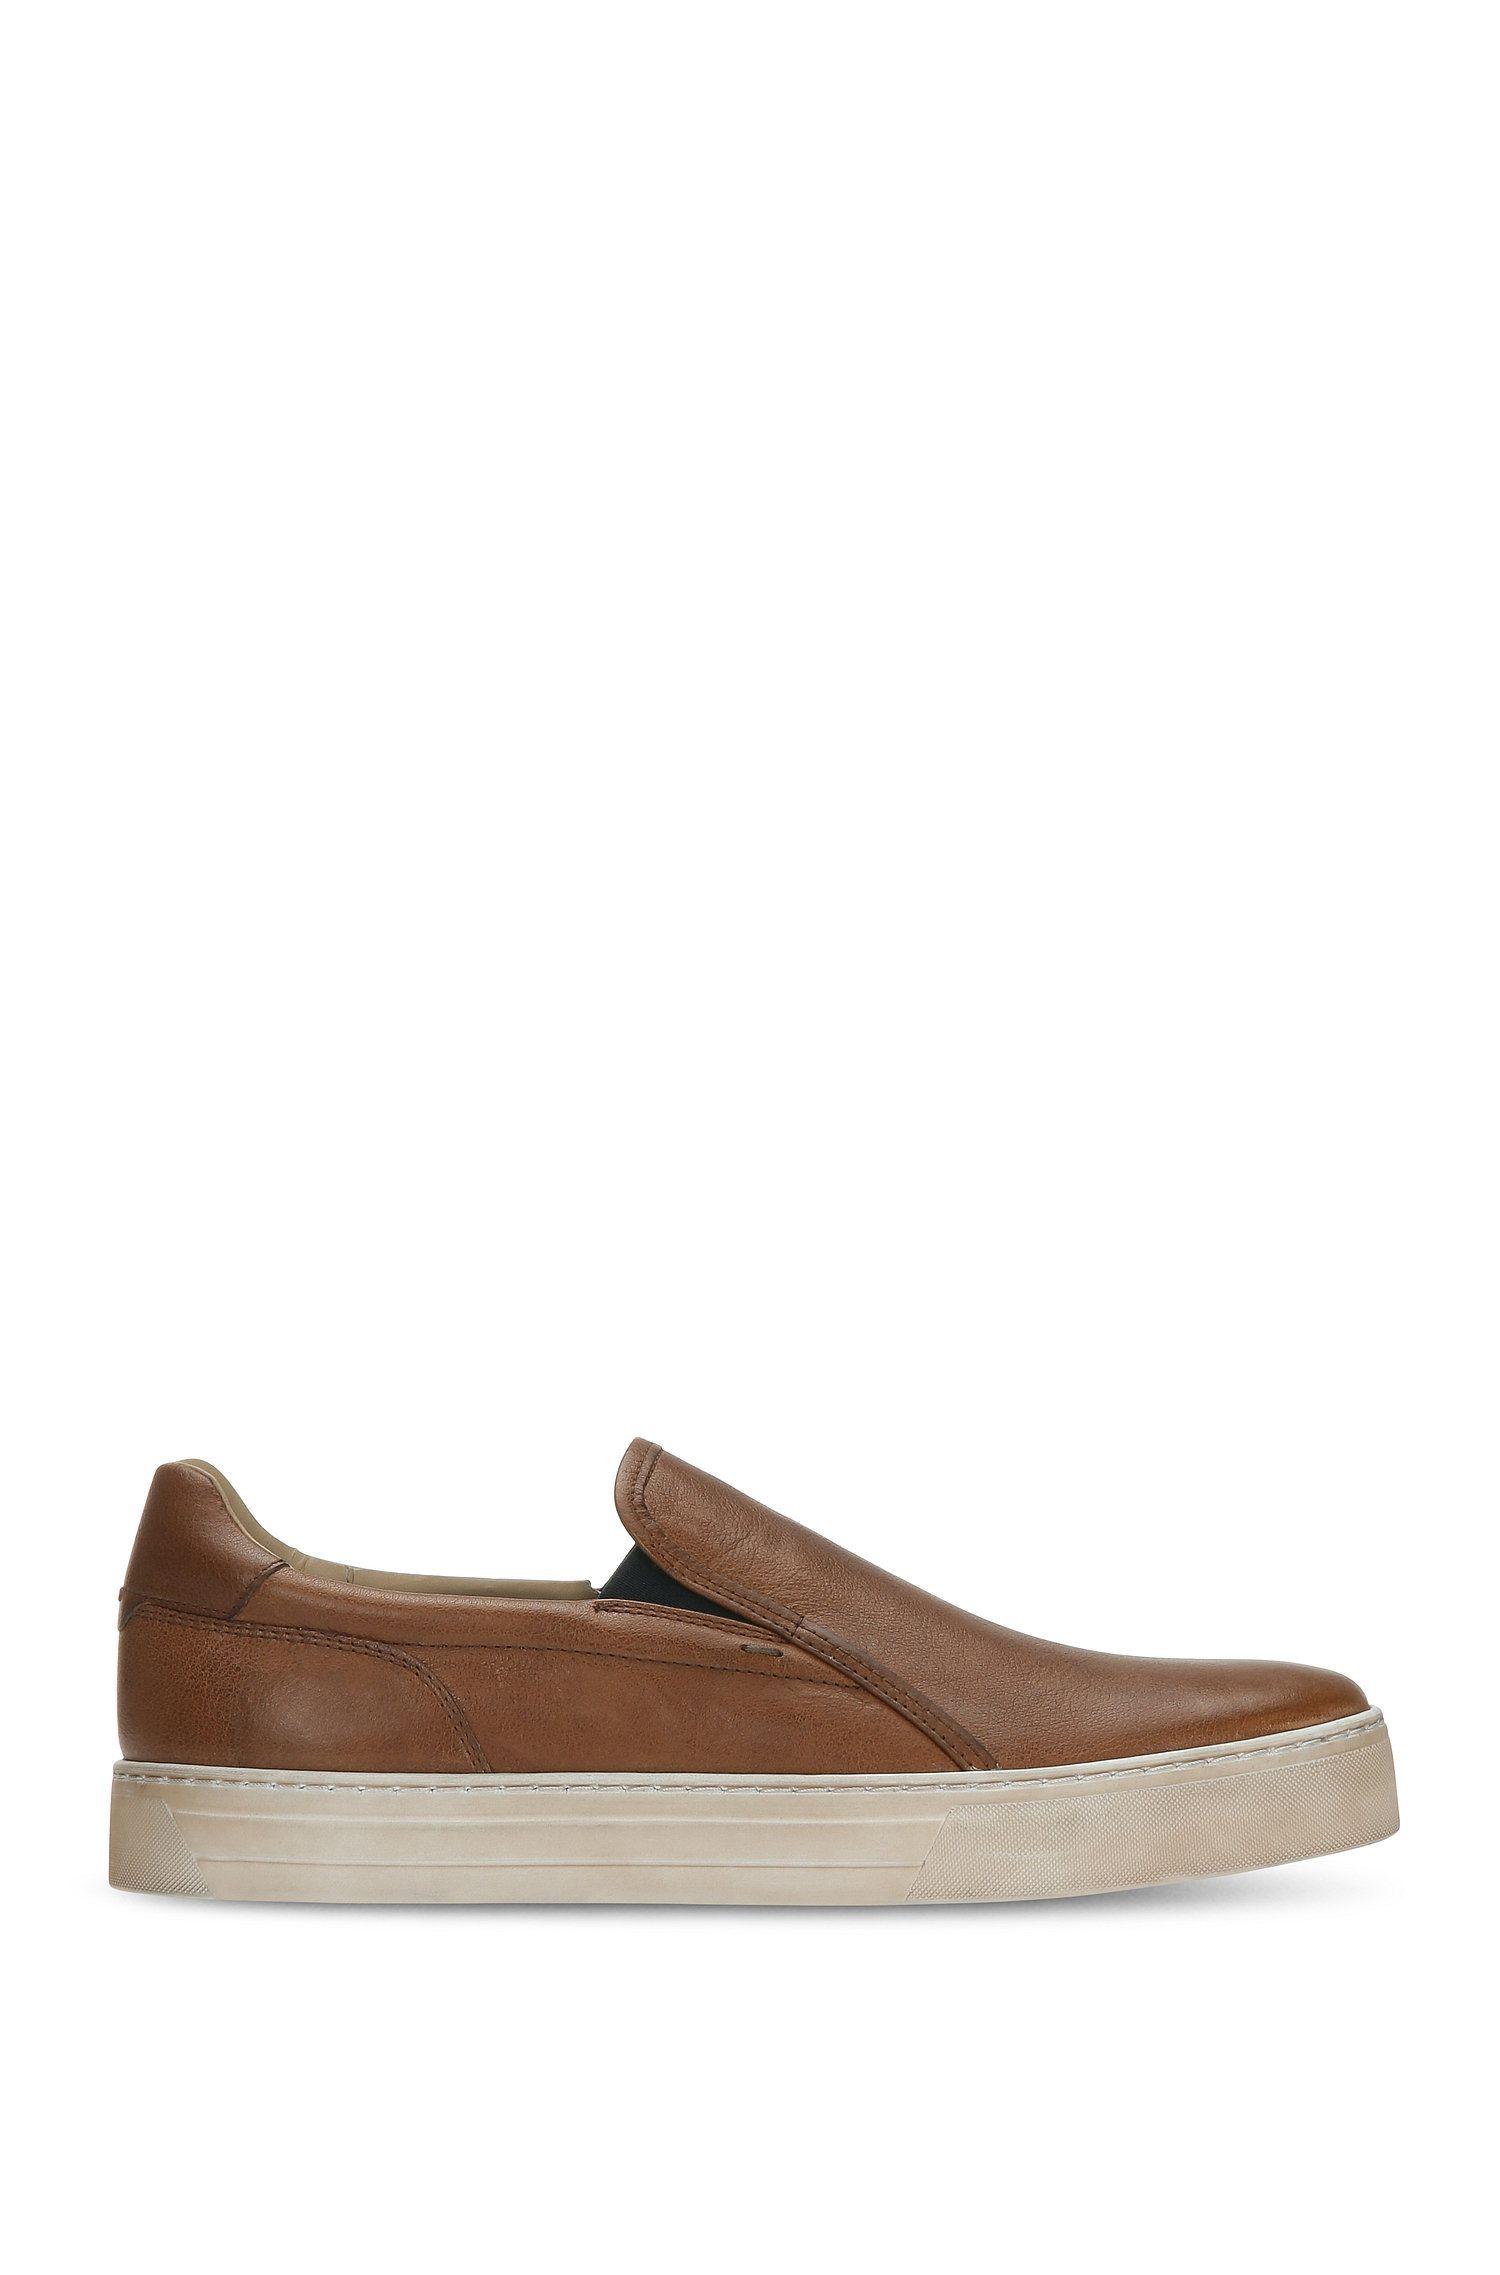 Calfskin Slip-on Skate Shoe | Noir Slon Itws